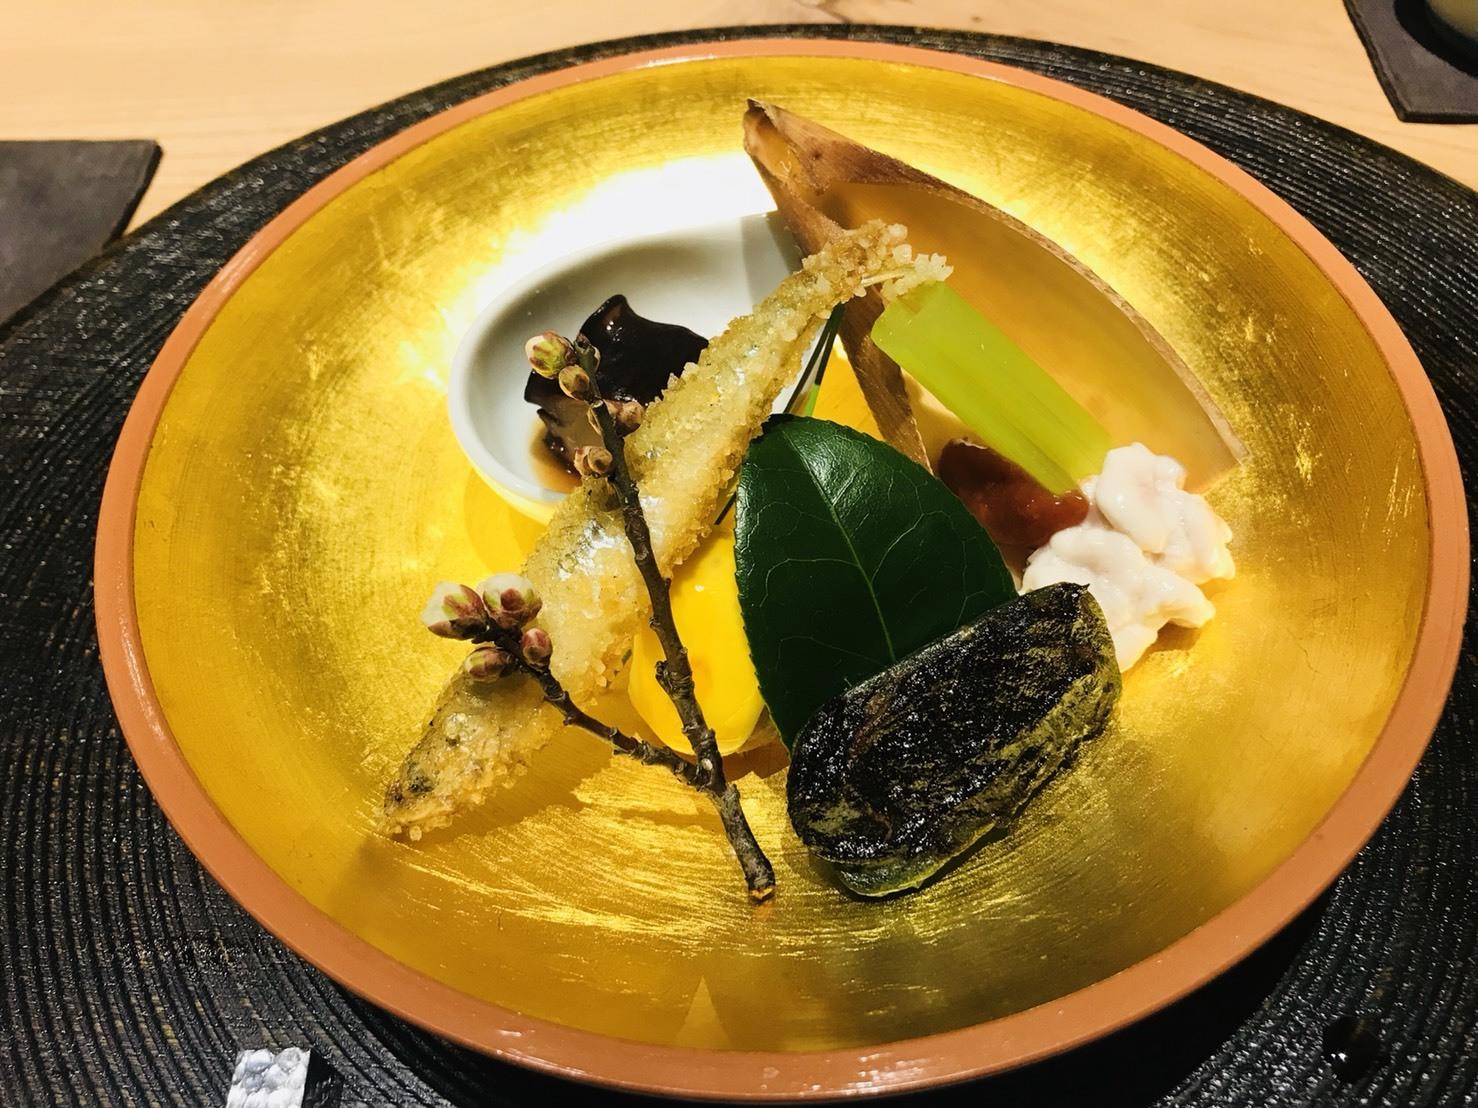 日本料理 和敬 へ_c0196240_13554561.jpeg